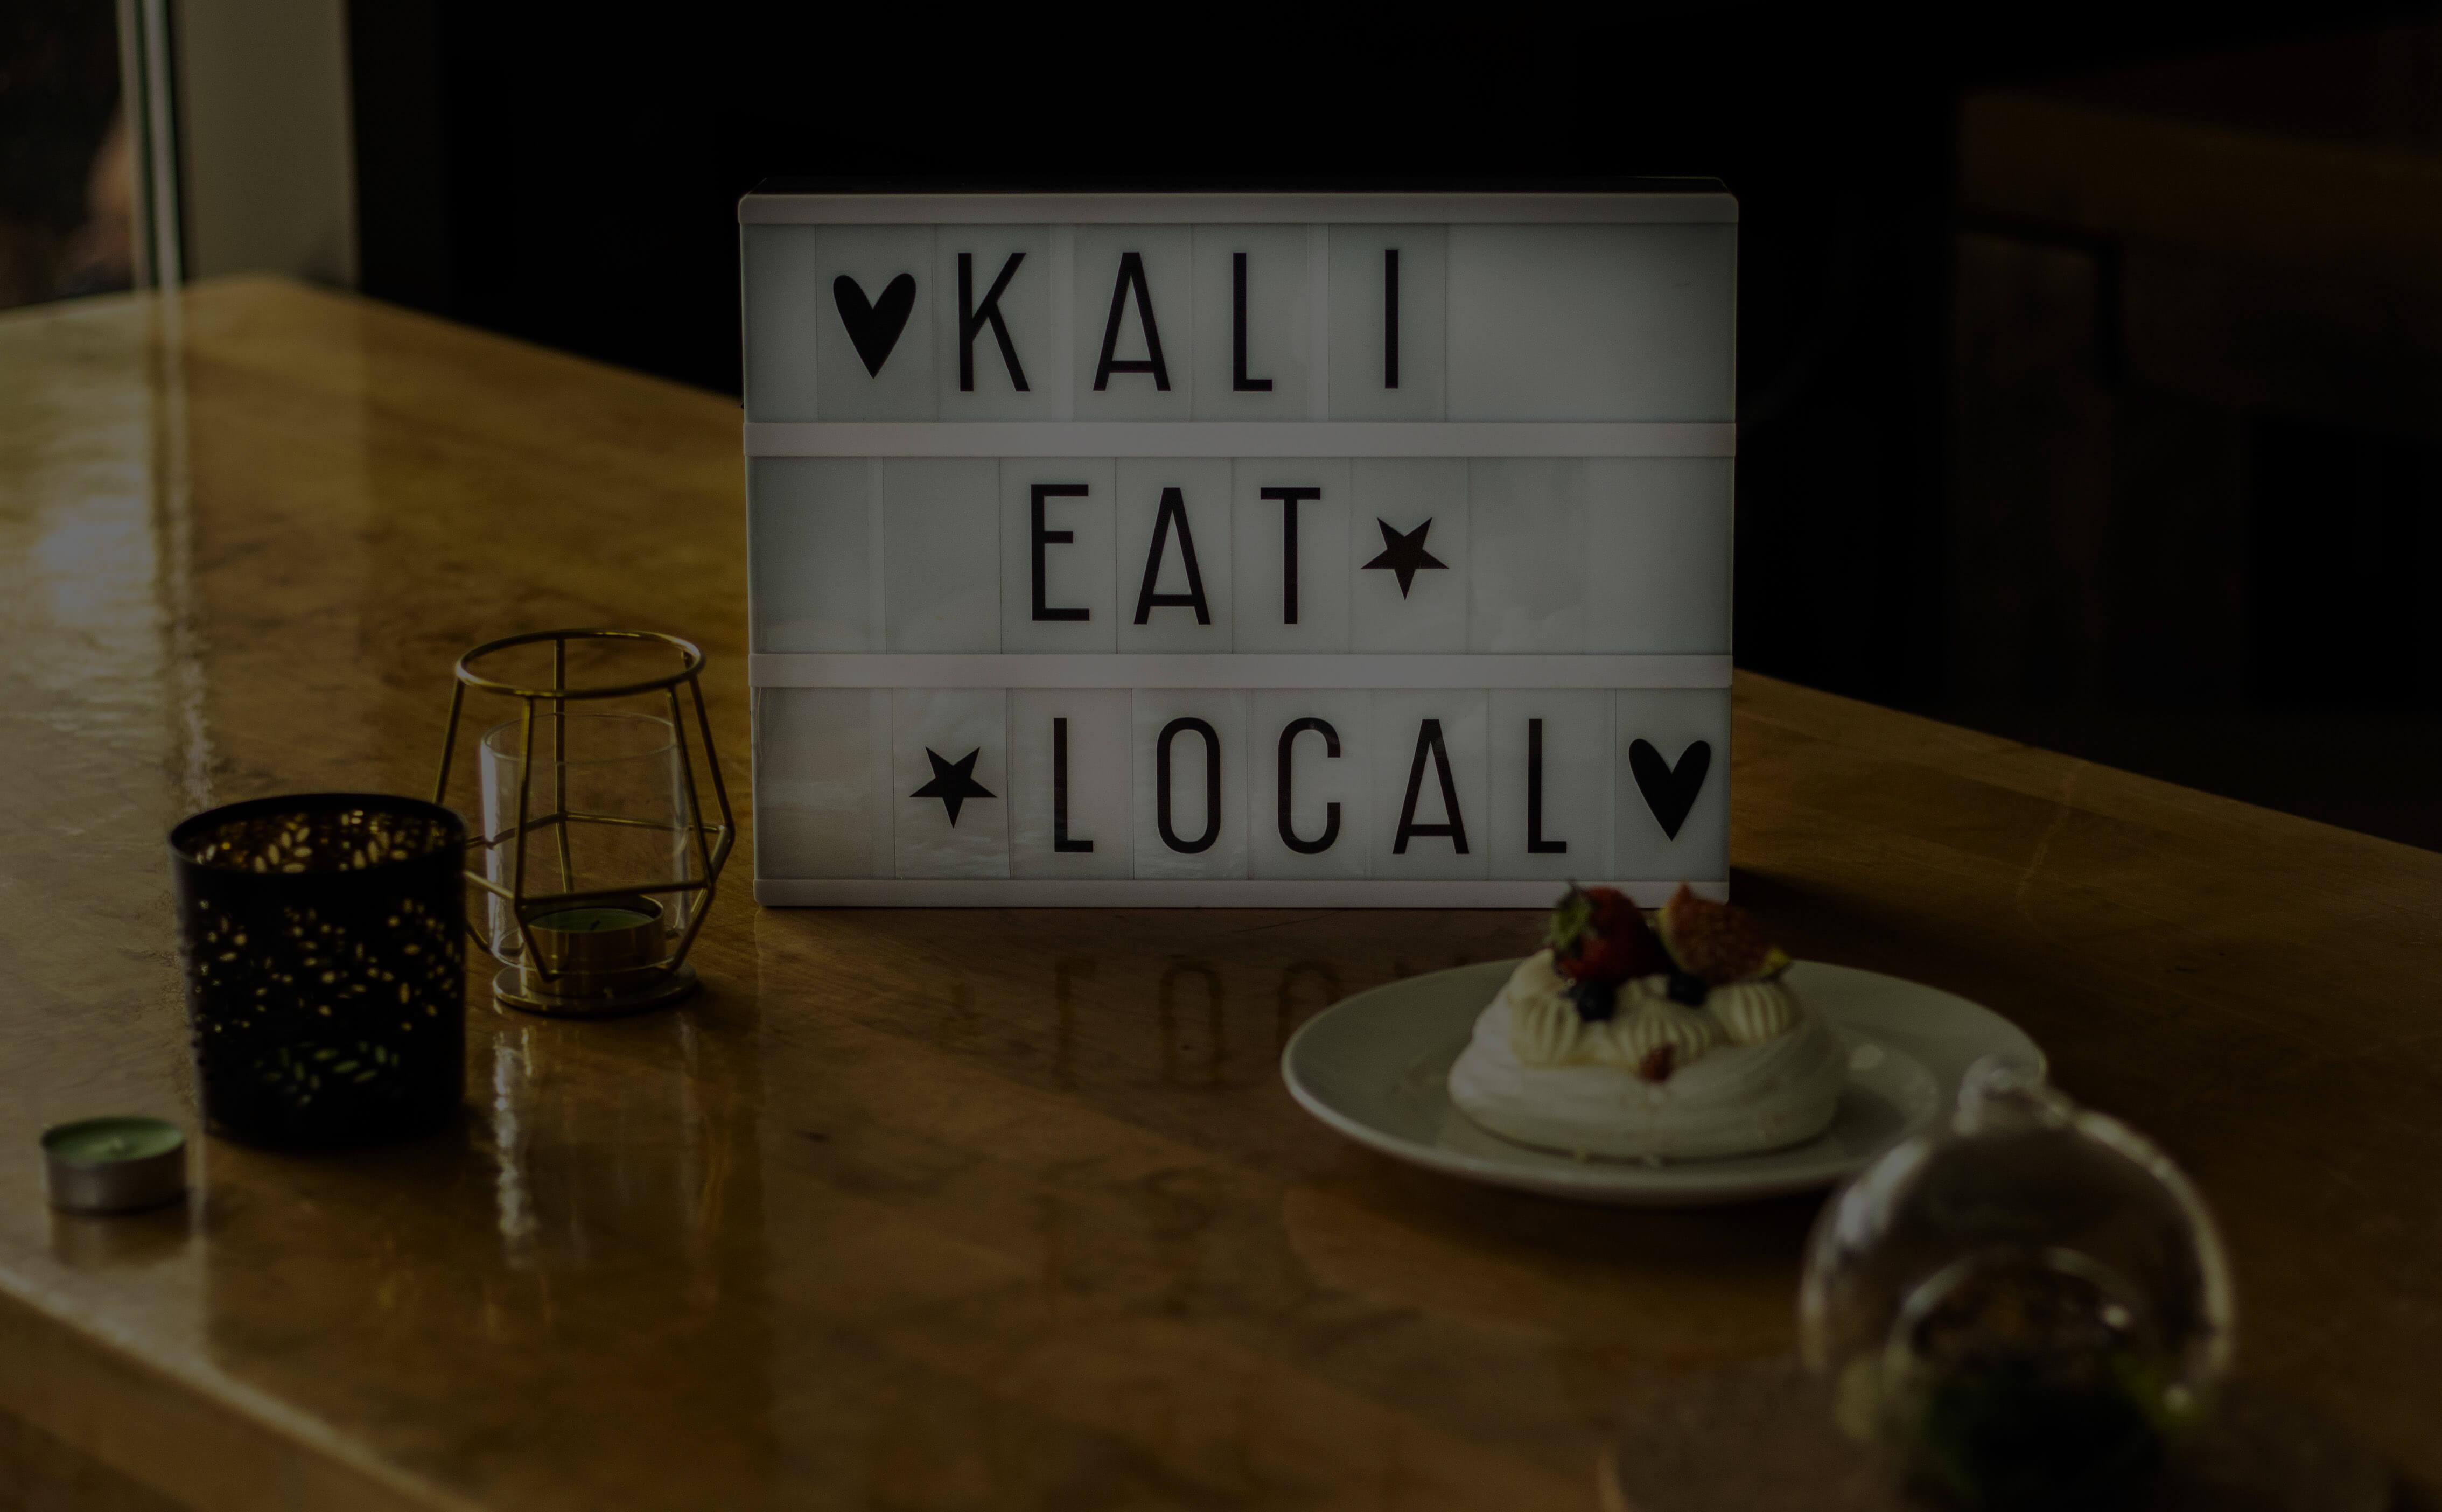 Kali eat local